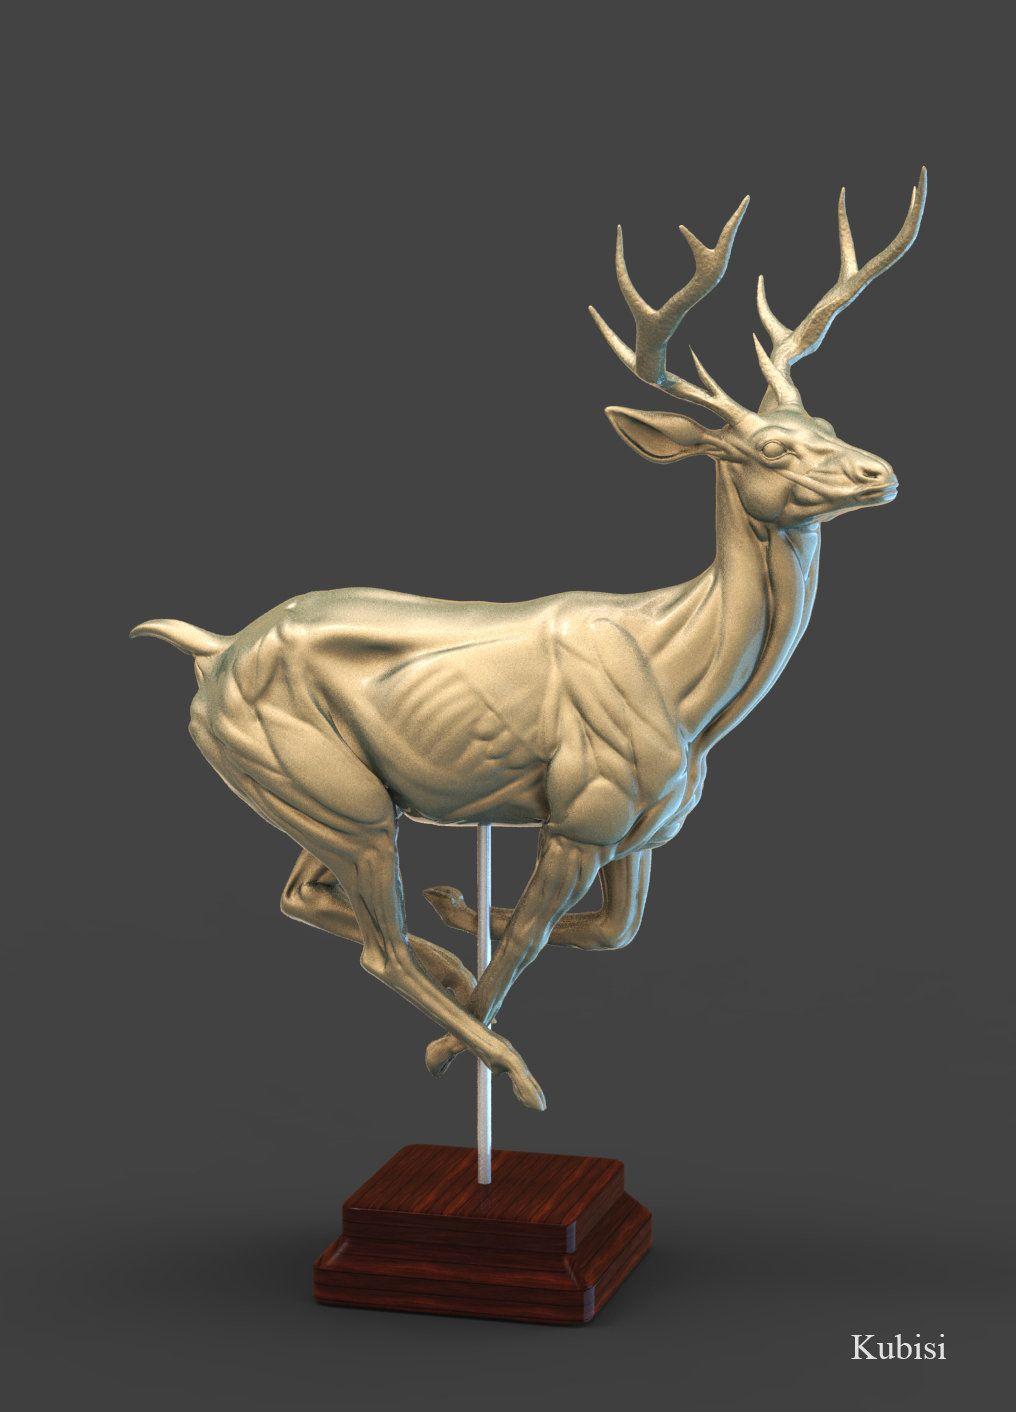 Deer, Abdelrahman Kubisi on ArtStation at https://www.artstation.com ...